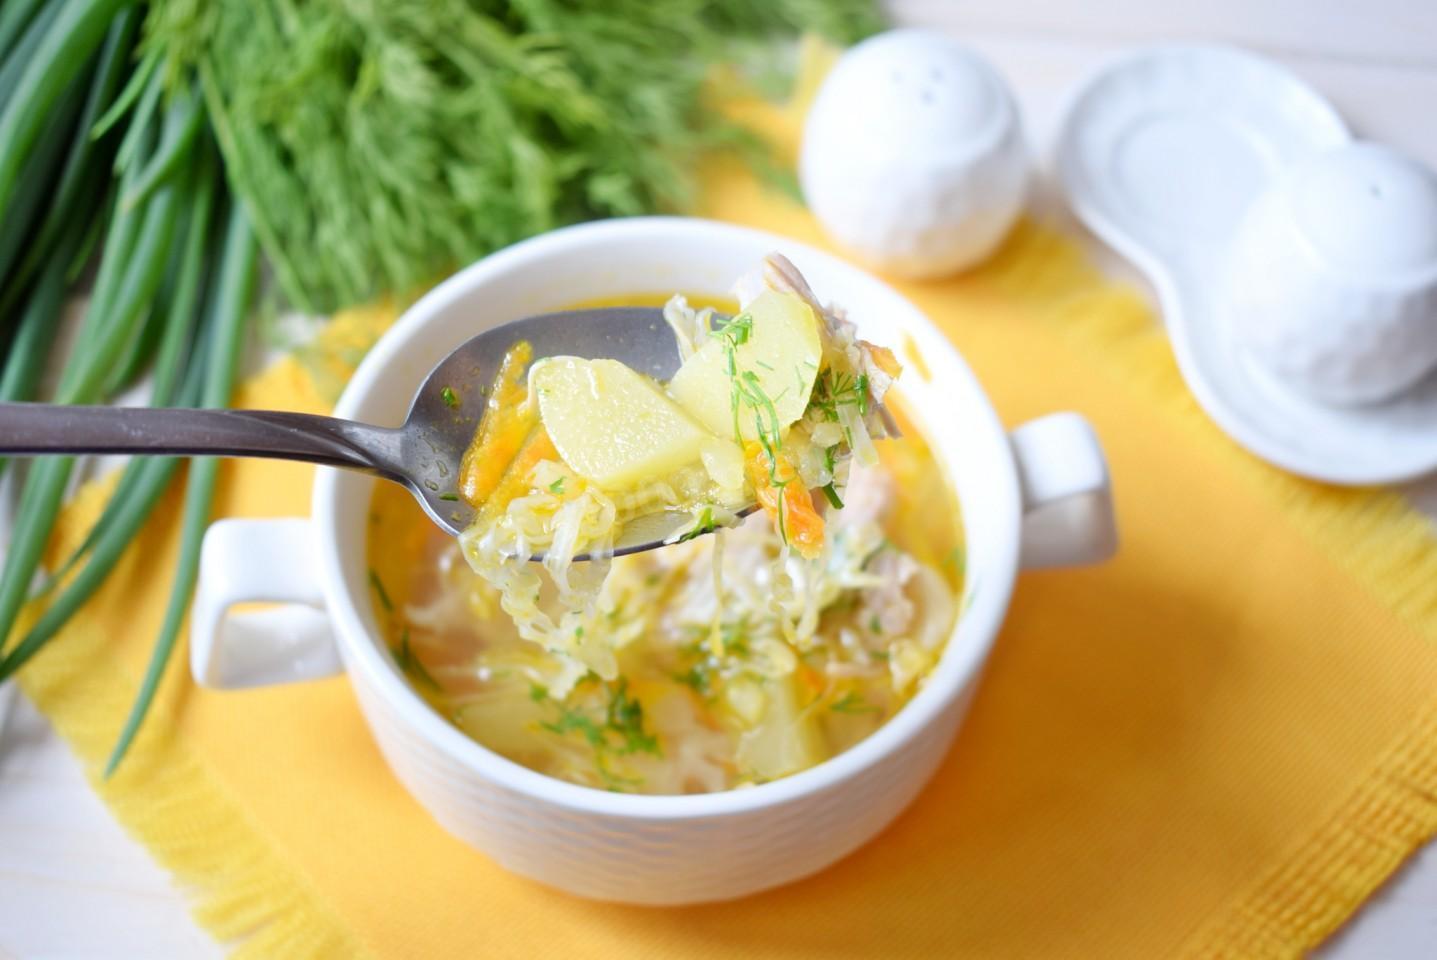 фото Гороховый с копчёностями, щи и куриная лапша: какие супы предпочитают новосибирцы 3